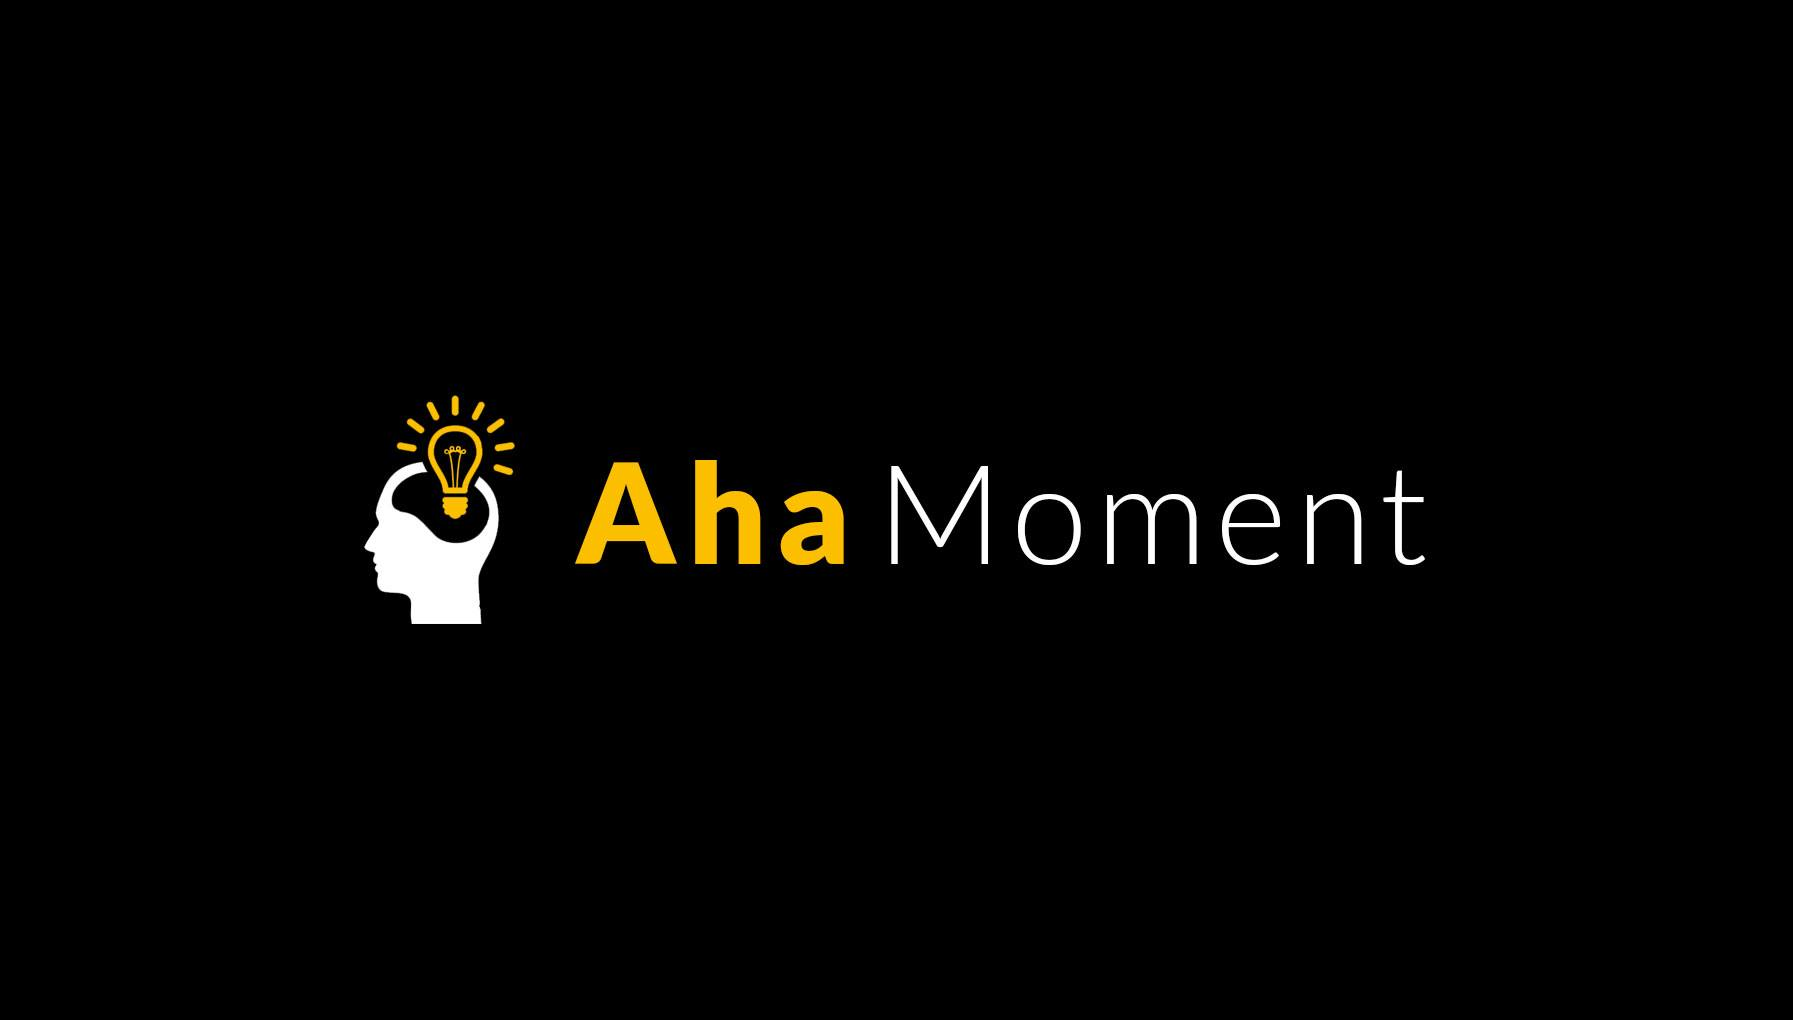 Aha moment solutions